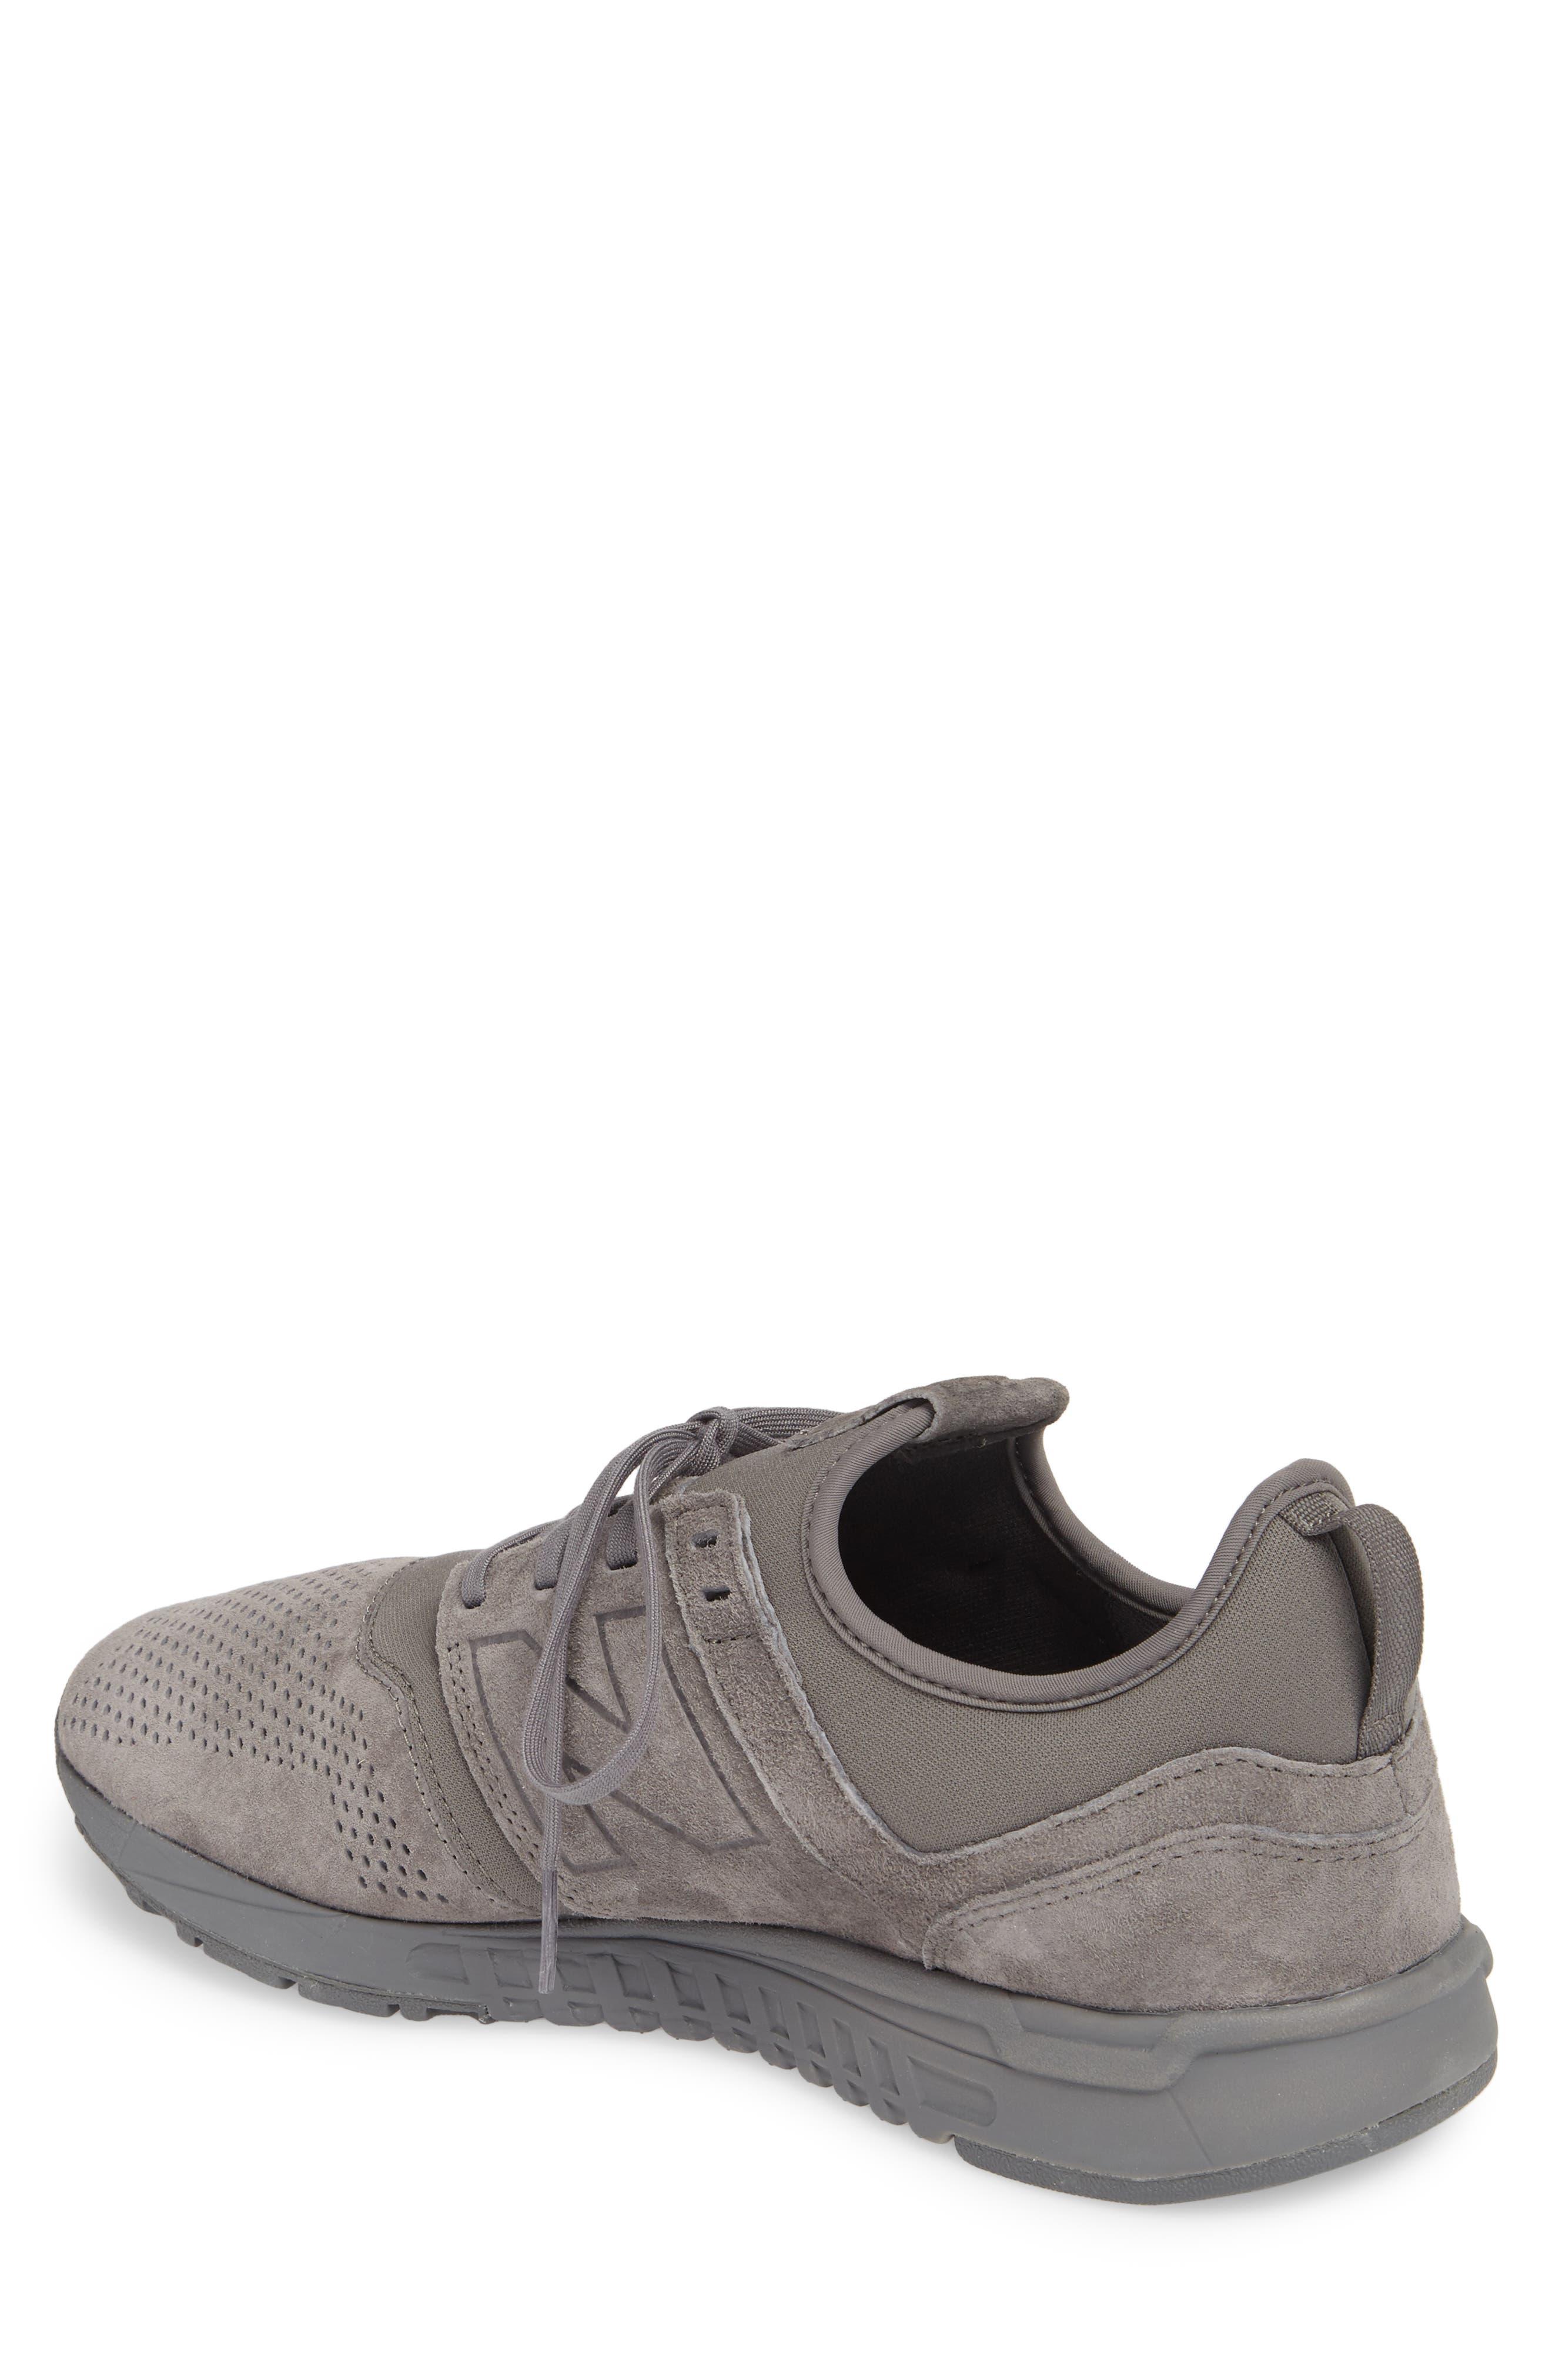 MRL247 Sneaker,                             Alternate thumbnail 3, color,